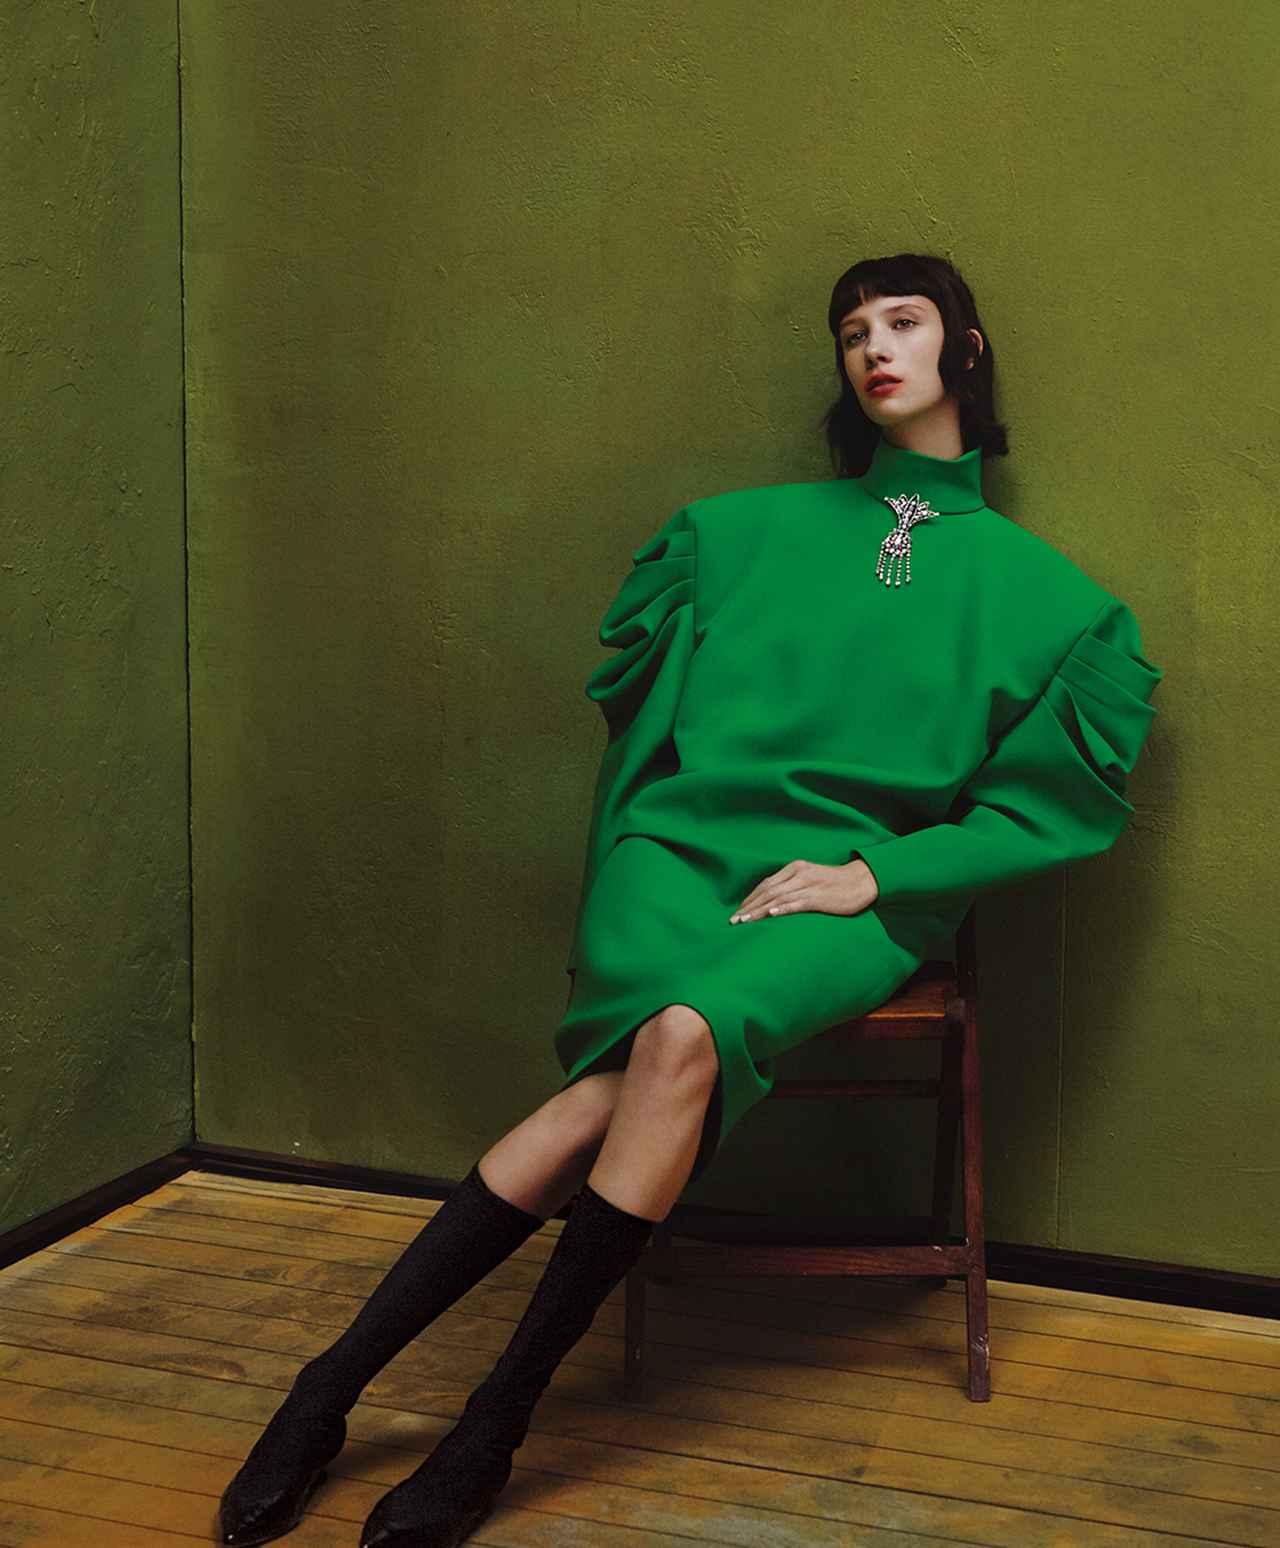 Images : 2番目の画像 - 「春、モードは ドラマティックなフォルムに 回帰する」のアルバム - T JAPAN:The New York Times Style Magazine 公式サイト